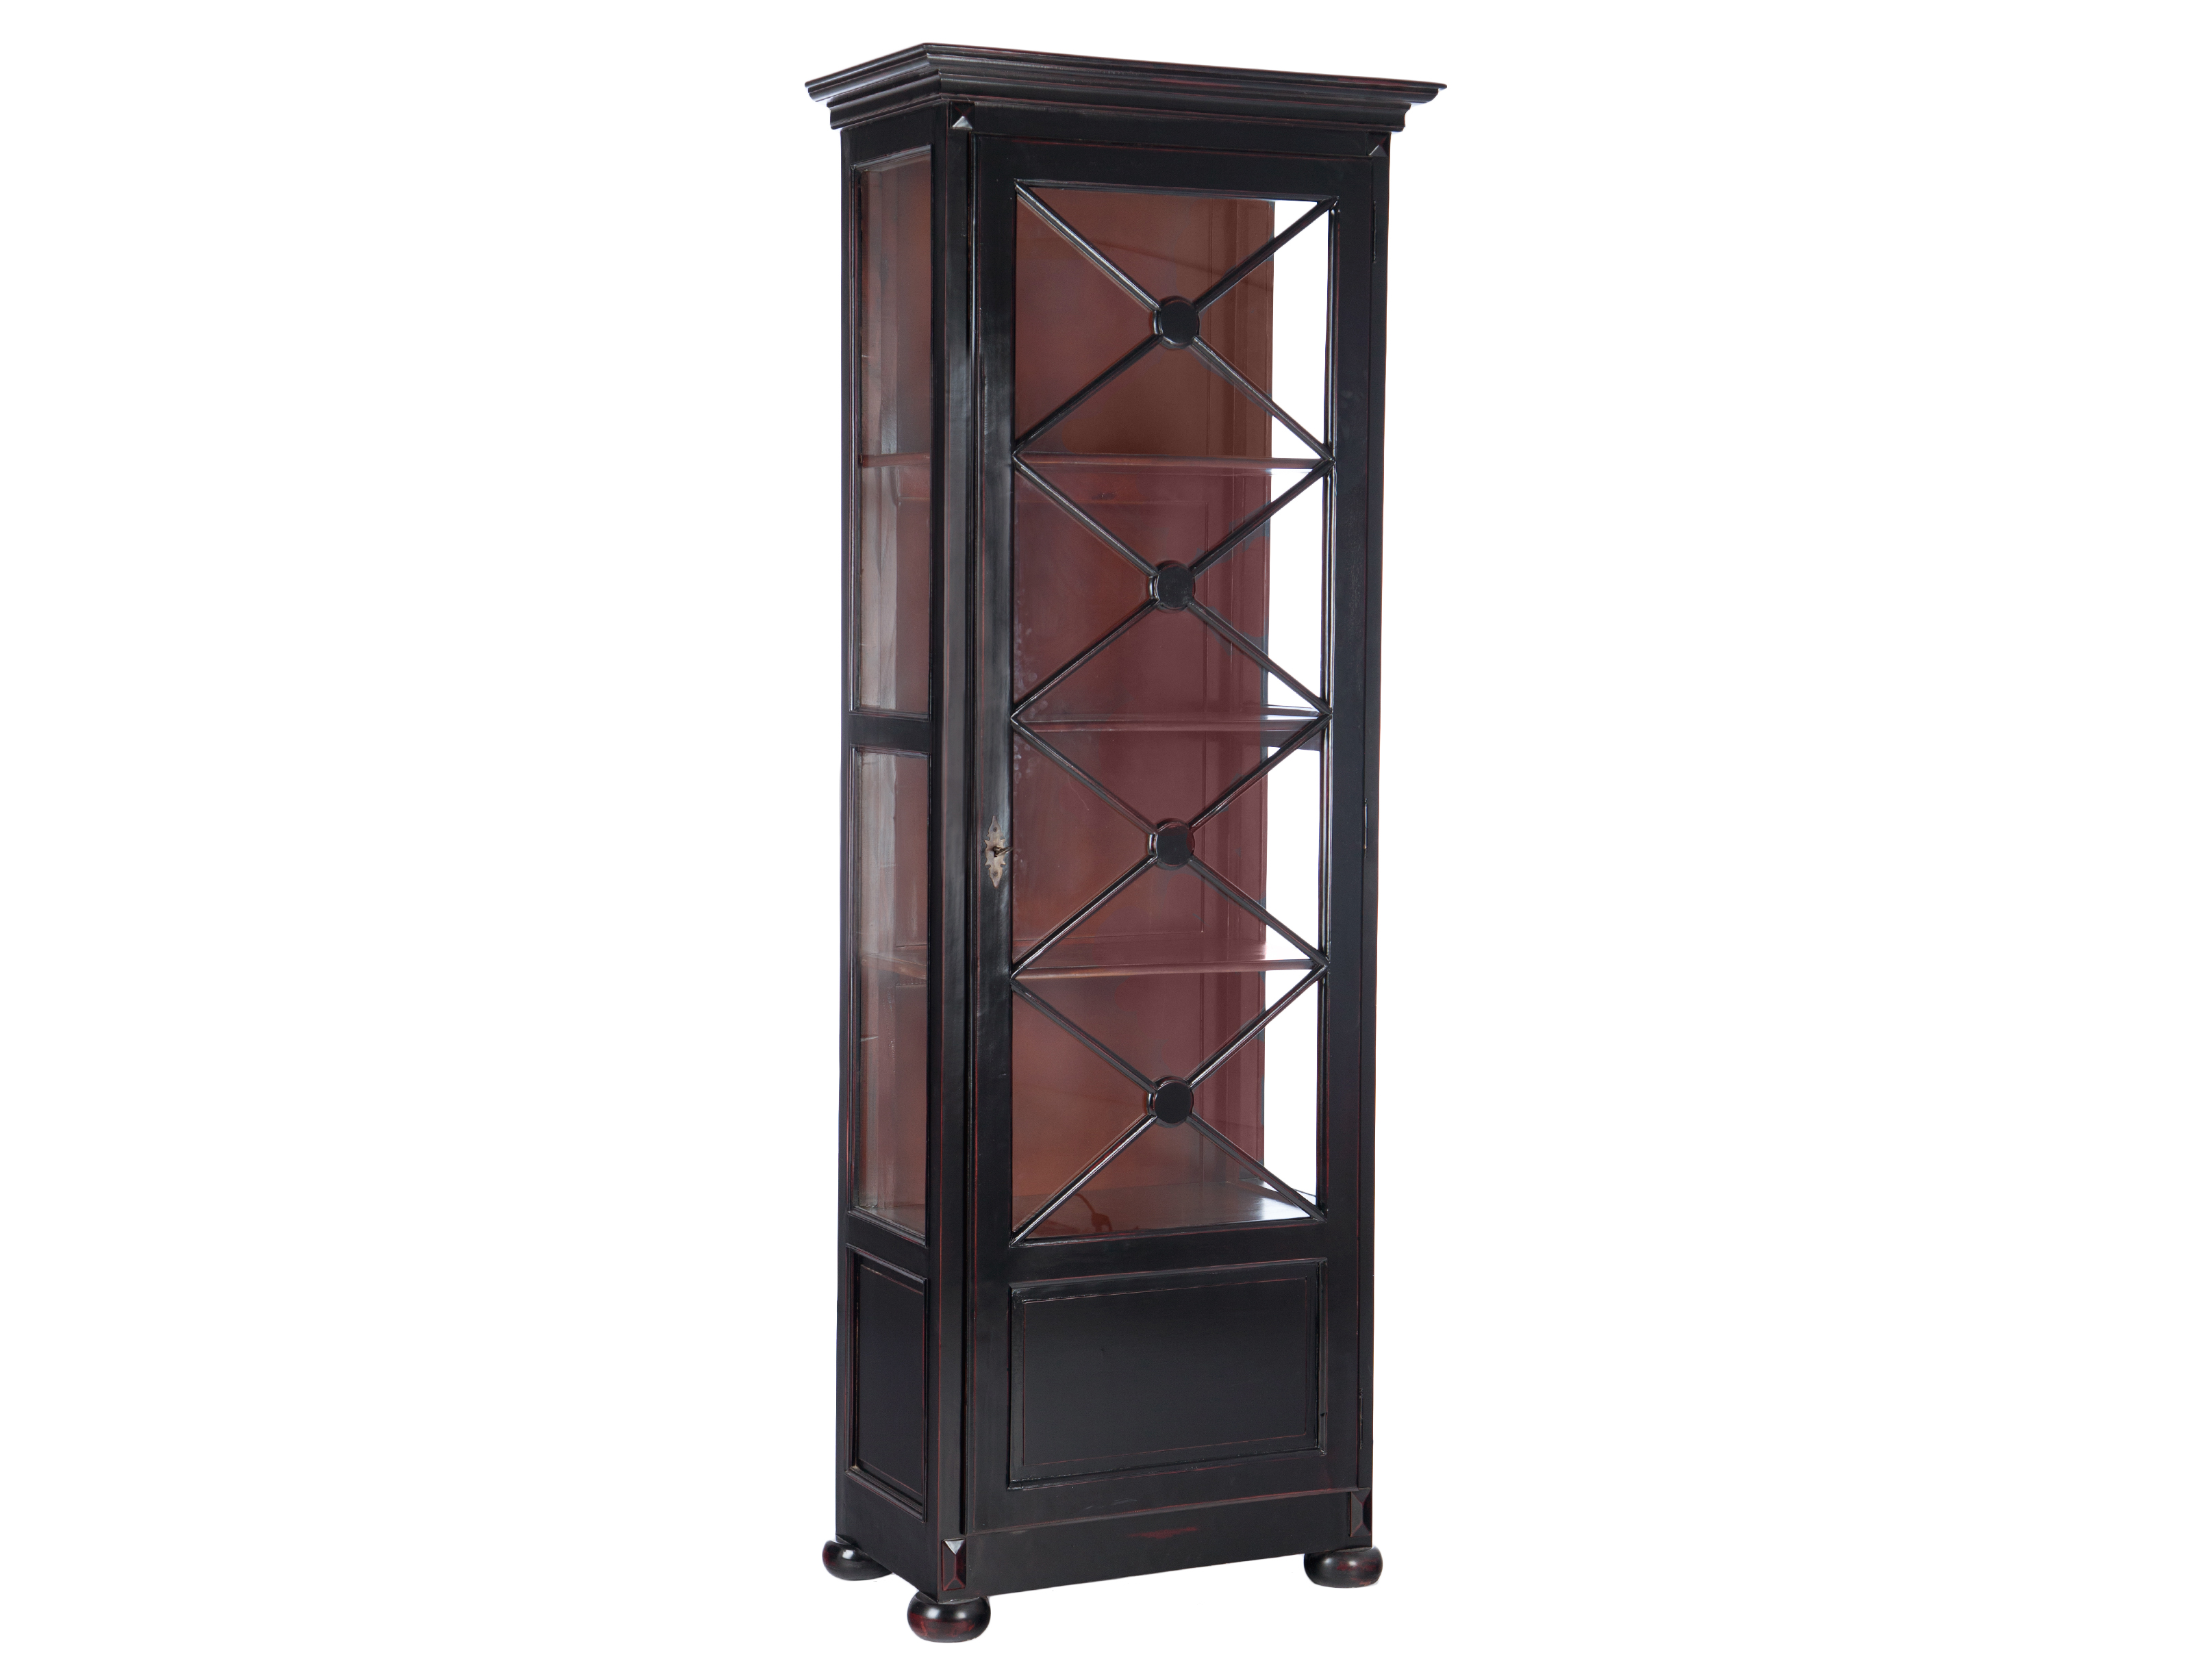 Библиотека АдамКнижные шкафы и библиотеки<br>Библиотека (витрина). Декорированная дверца со стеклом, стекло по бокам. Цвет черный с красноватой патиной, внутри коричневый.&amp;amp;nbsp;<br><br>Material: Красное дерево<br>Ширина см: 82<br>Высота см: 220<br>Глубина см: 47